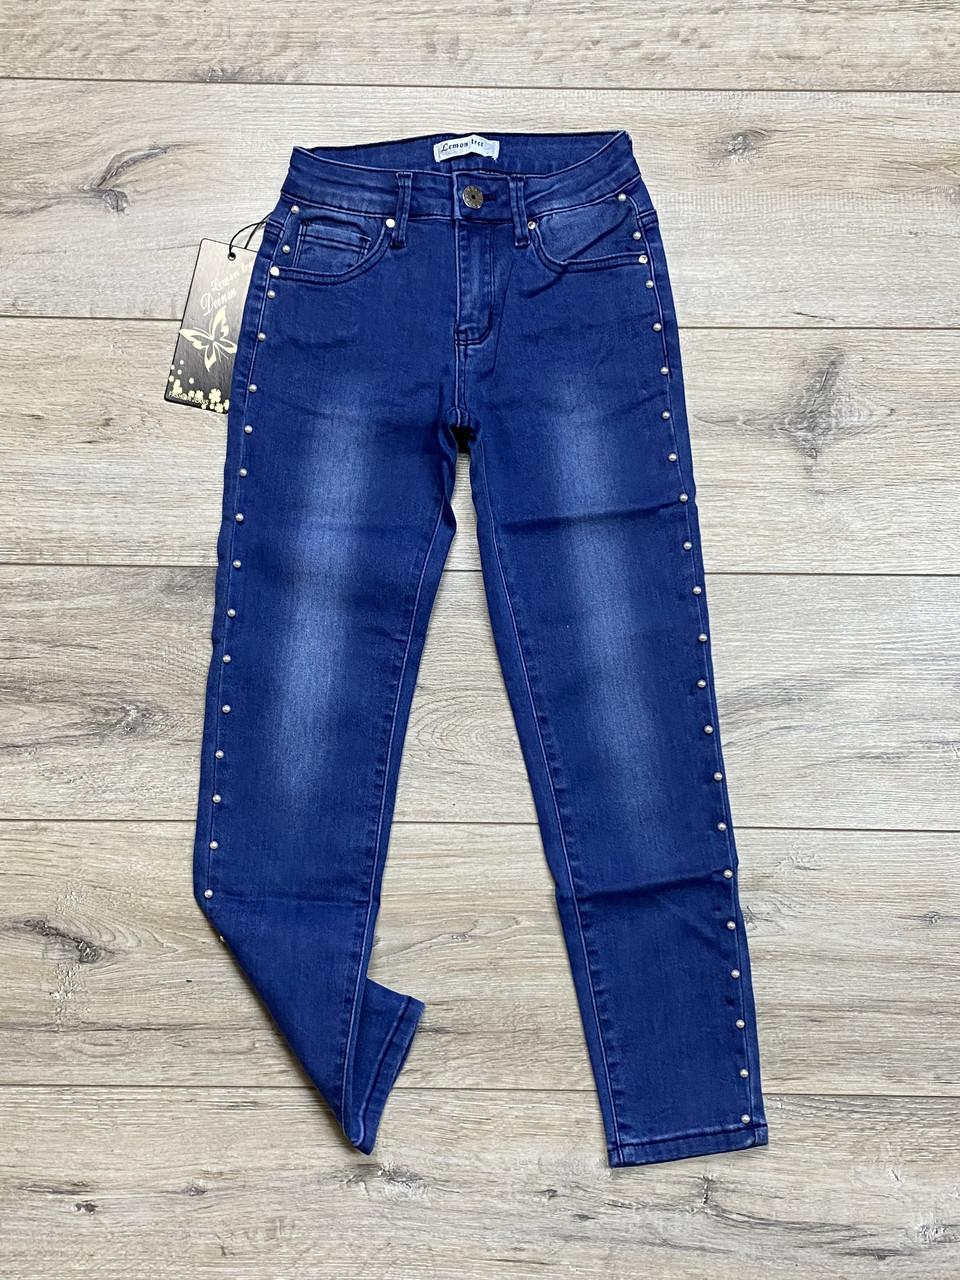 Стрейчеві джинси для дівчаток. 16 років.